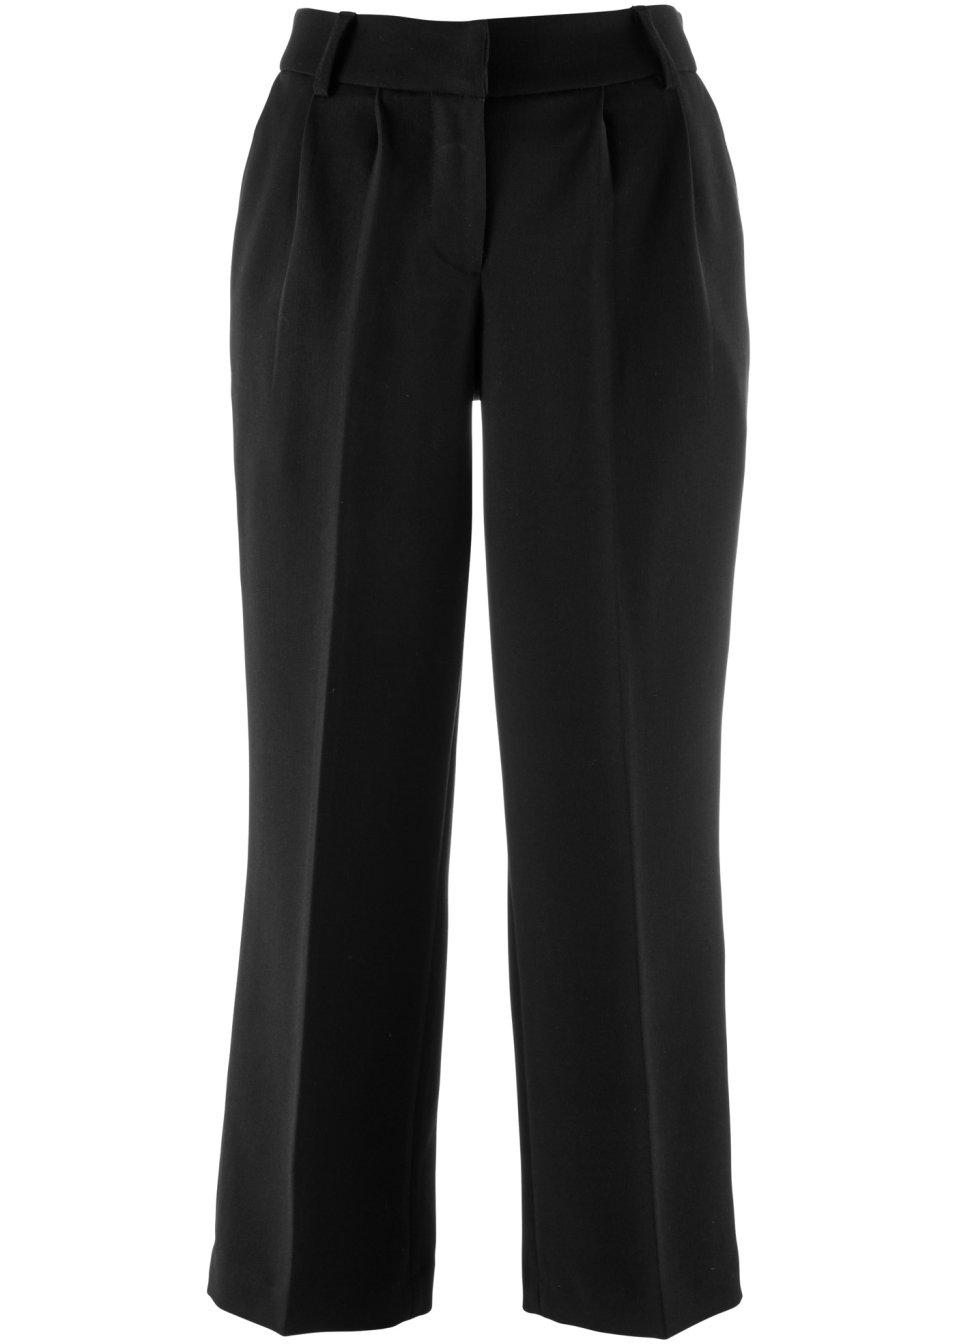 pantalon ample style jupe culotte noir femme bpc bonprix collection. Black Bedroom Furniture Sets. Home Design Ideas